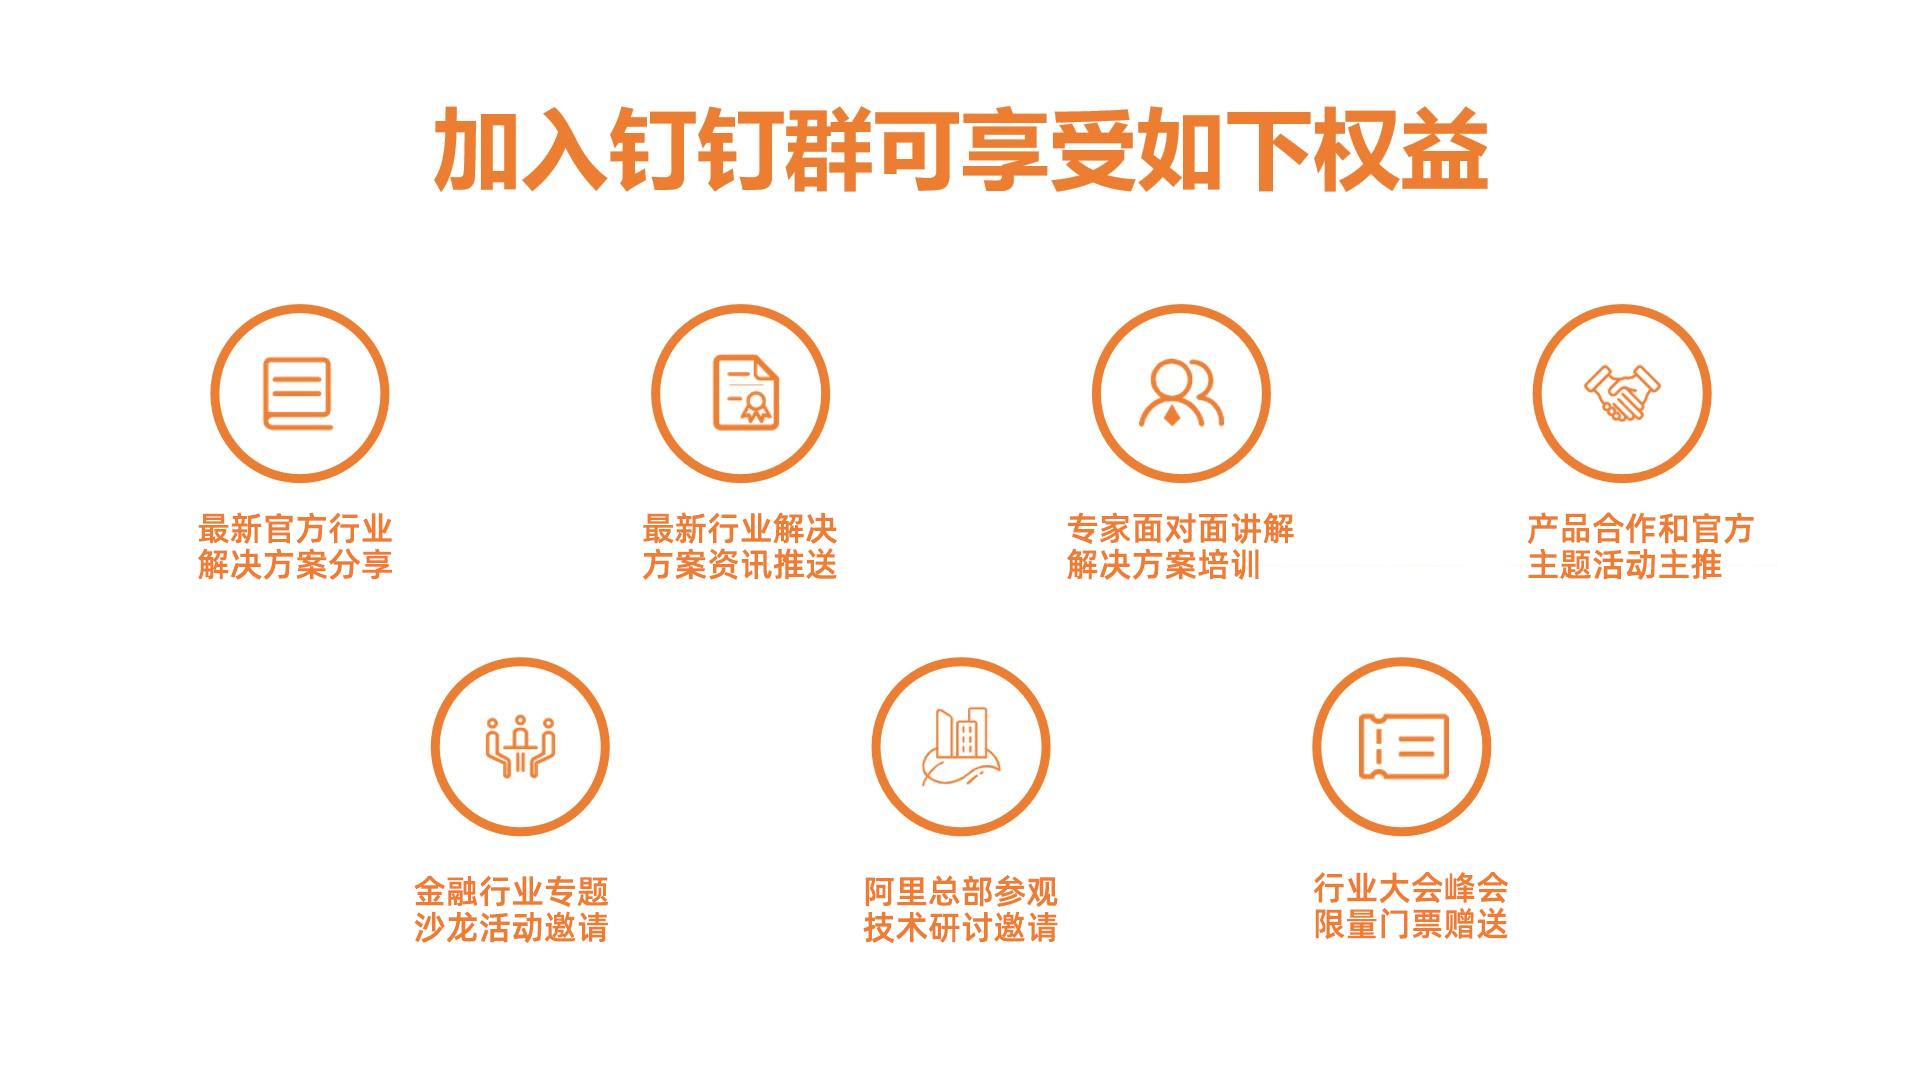 金融行業諮詢二維碼2.jpg